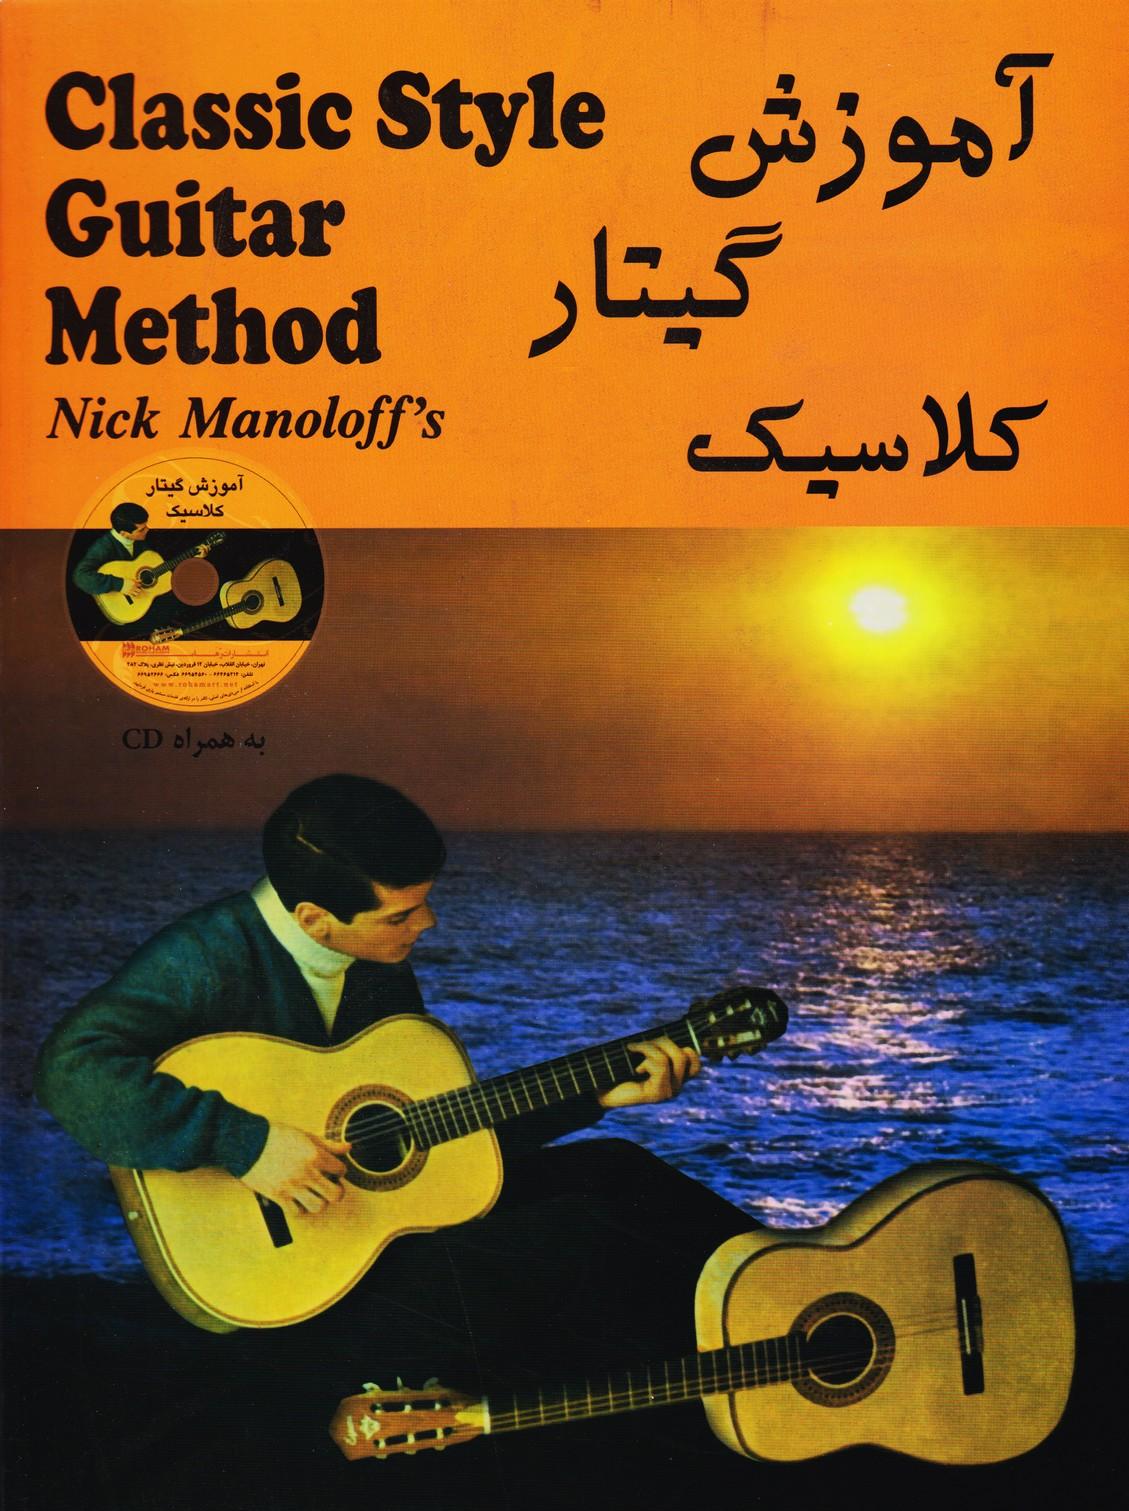 آموزش گیتار کلاسیک (مانولوف)